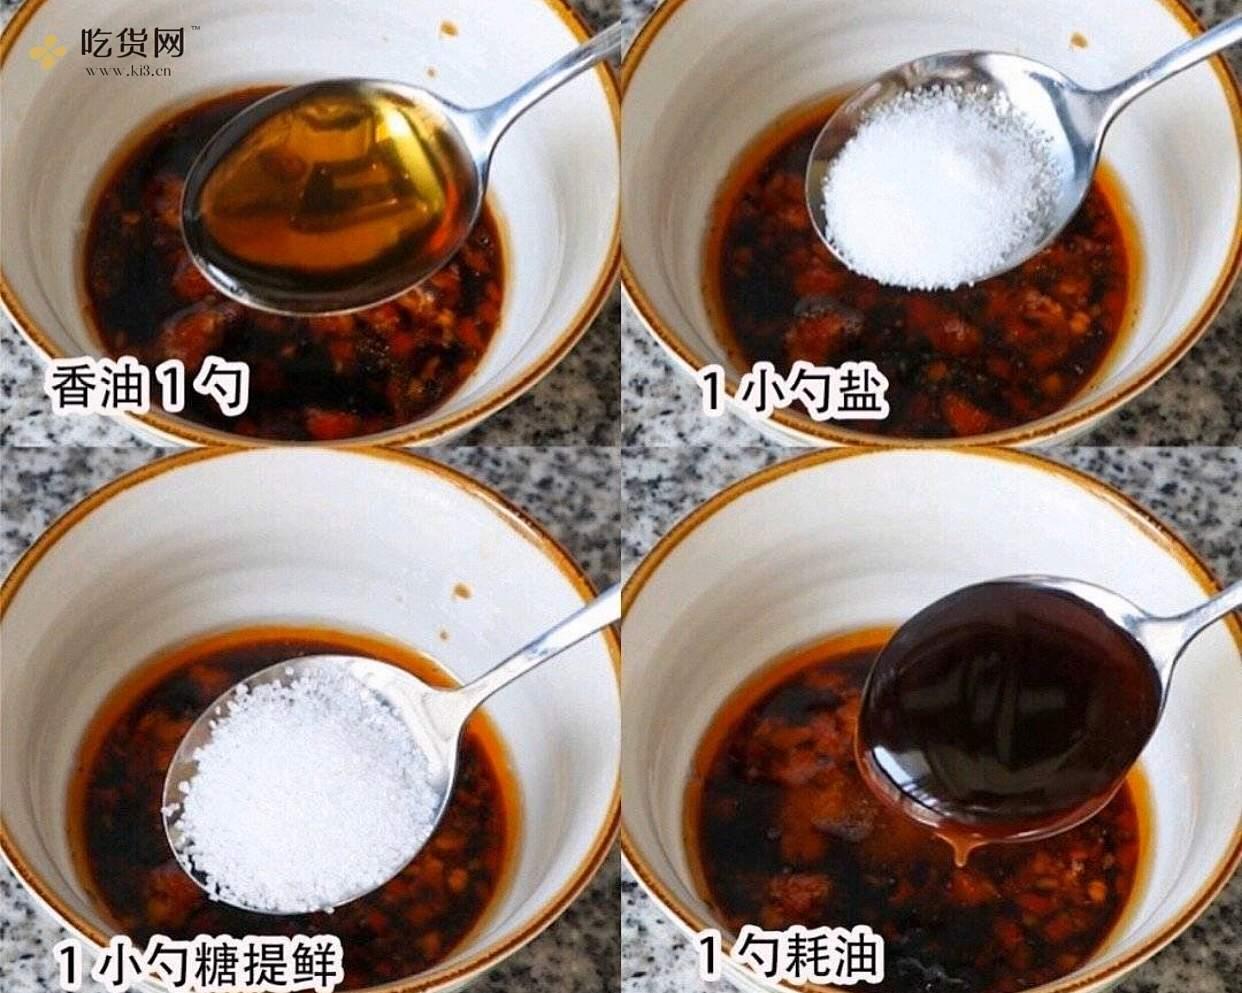 超级开胃的酸辣柠檬🍋鸡爪的做法 步骤3